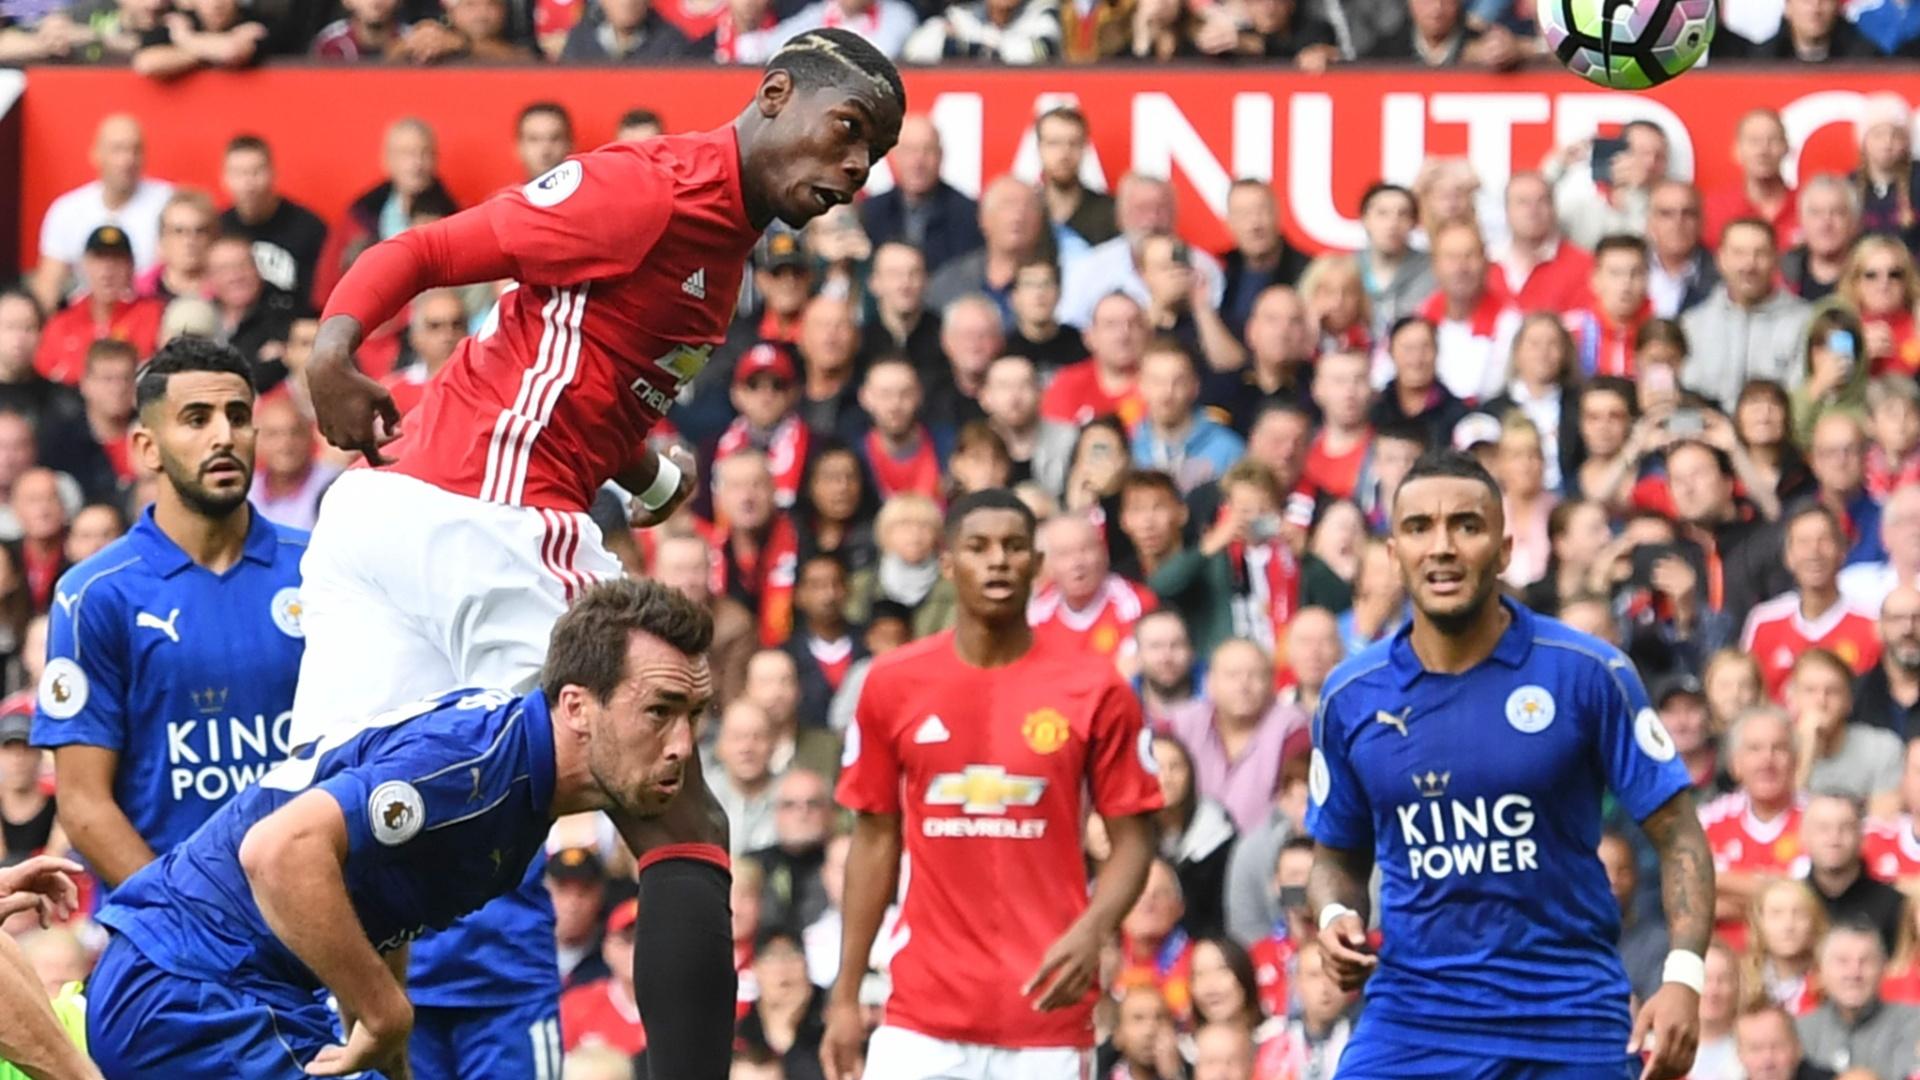 Pogba cabeceia para marcar seu primeiro gol pelo Manchester United